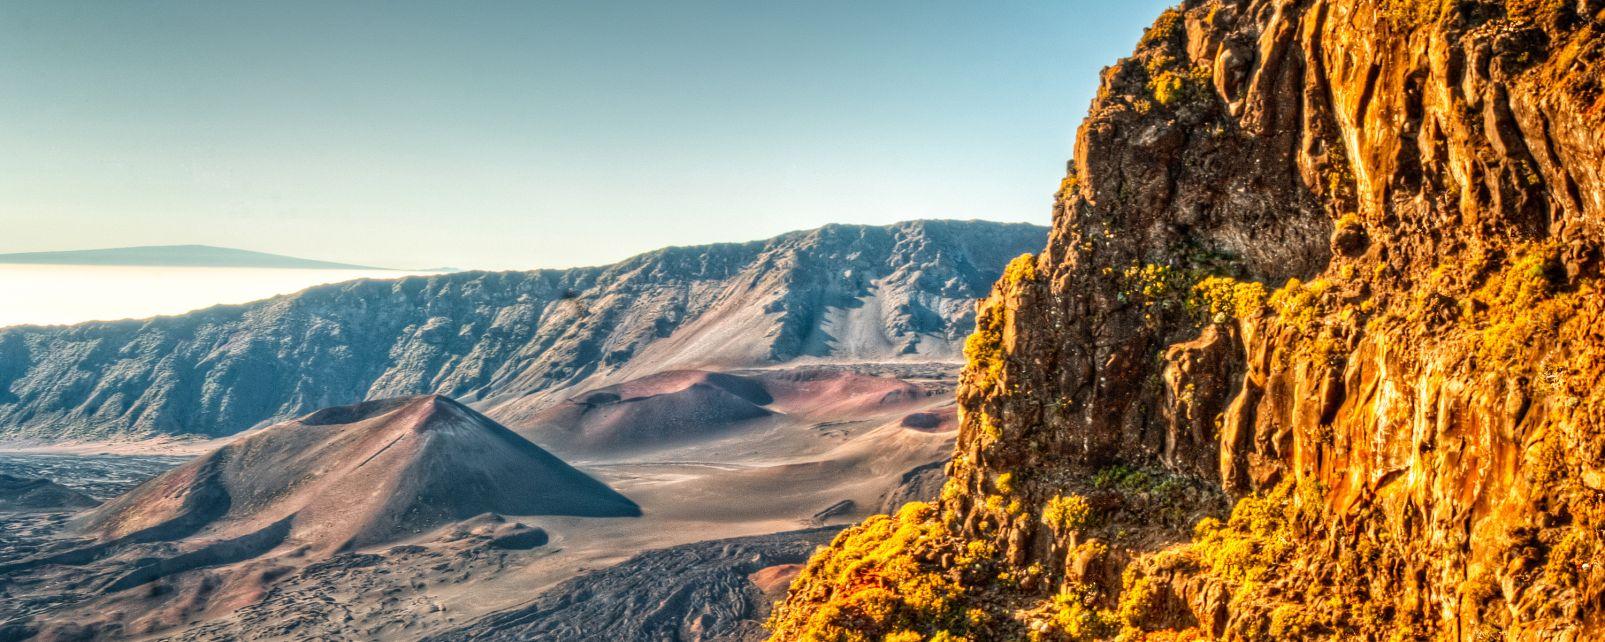 Les paysages, Haleakala, hawaii, etats-unis, USA, amérique, île, volcan, maui